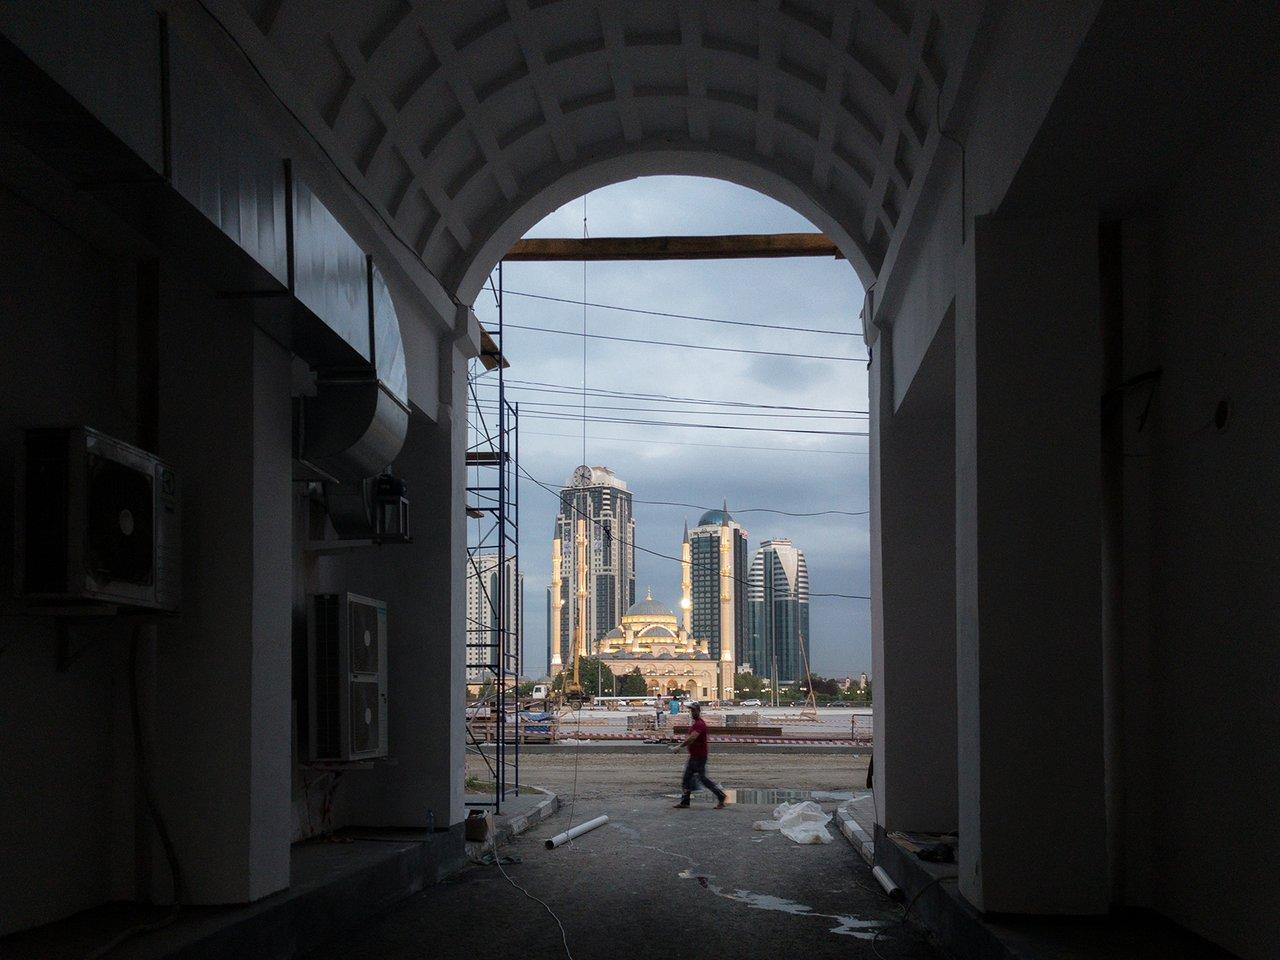 Wo der Blick in Grosny auch hinfällt, er trifft nur auf Wohlstand aus Glas und Beton  / Foto © Dmitry Markov für Meduza